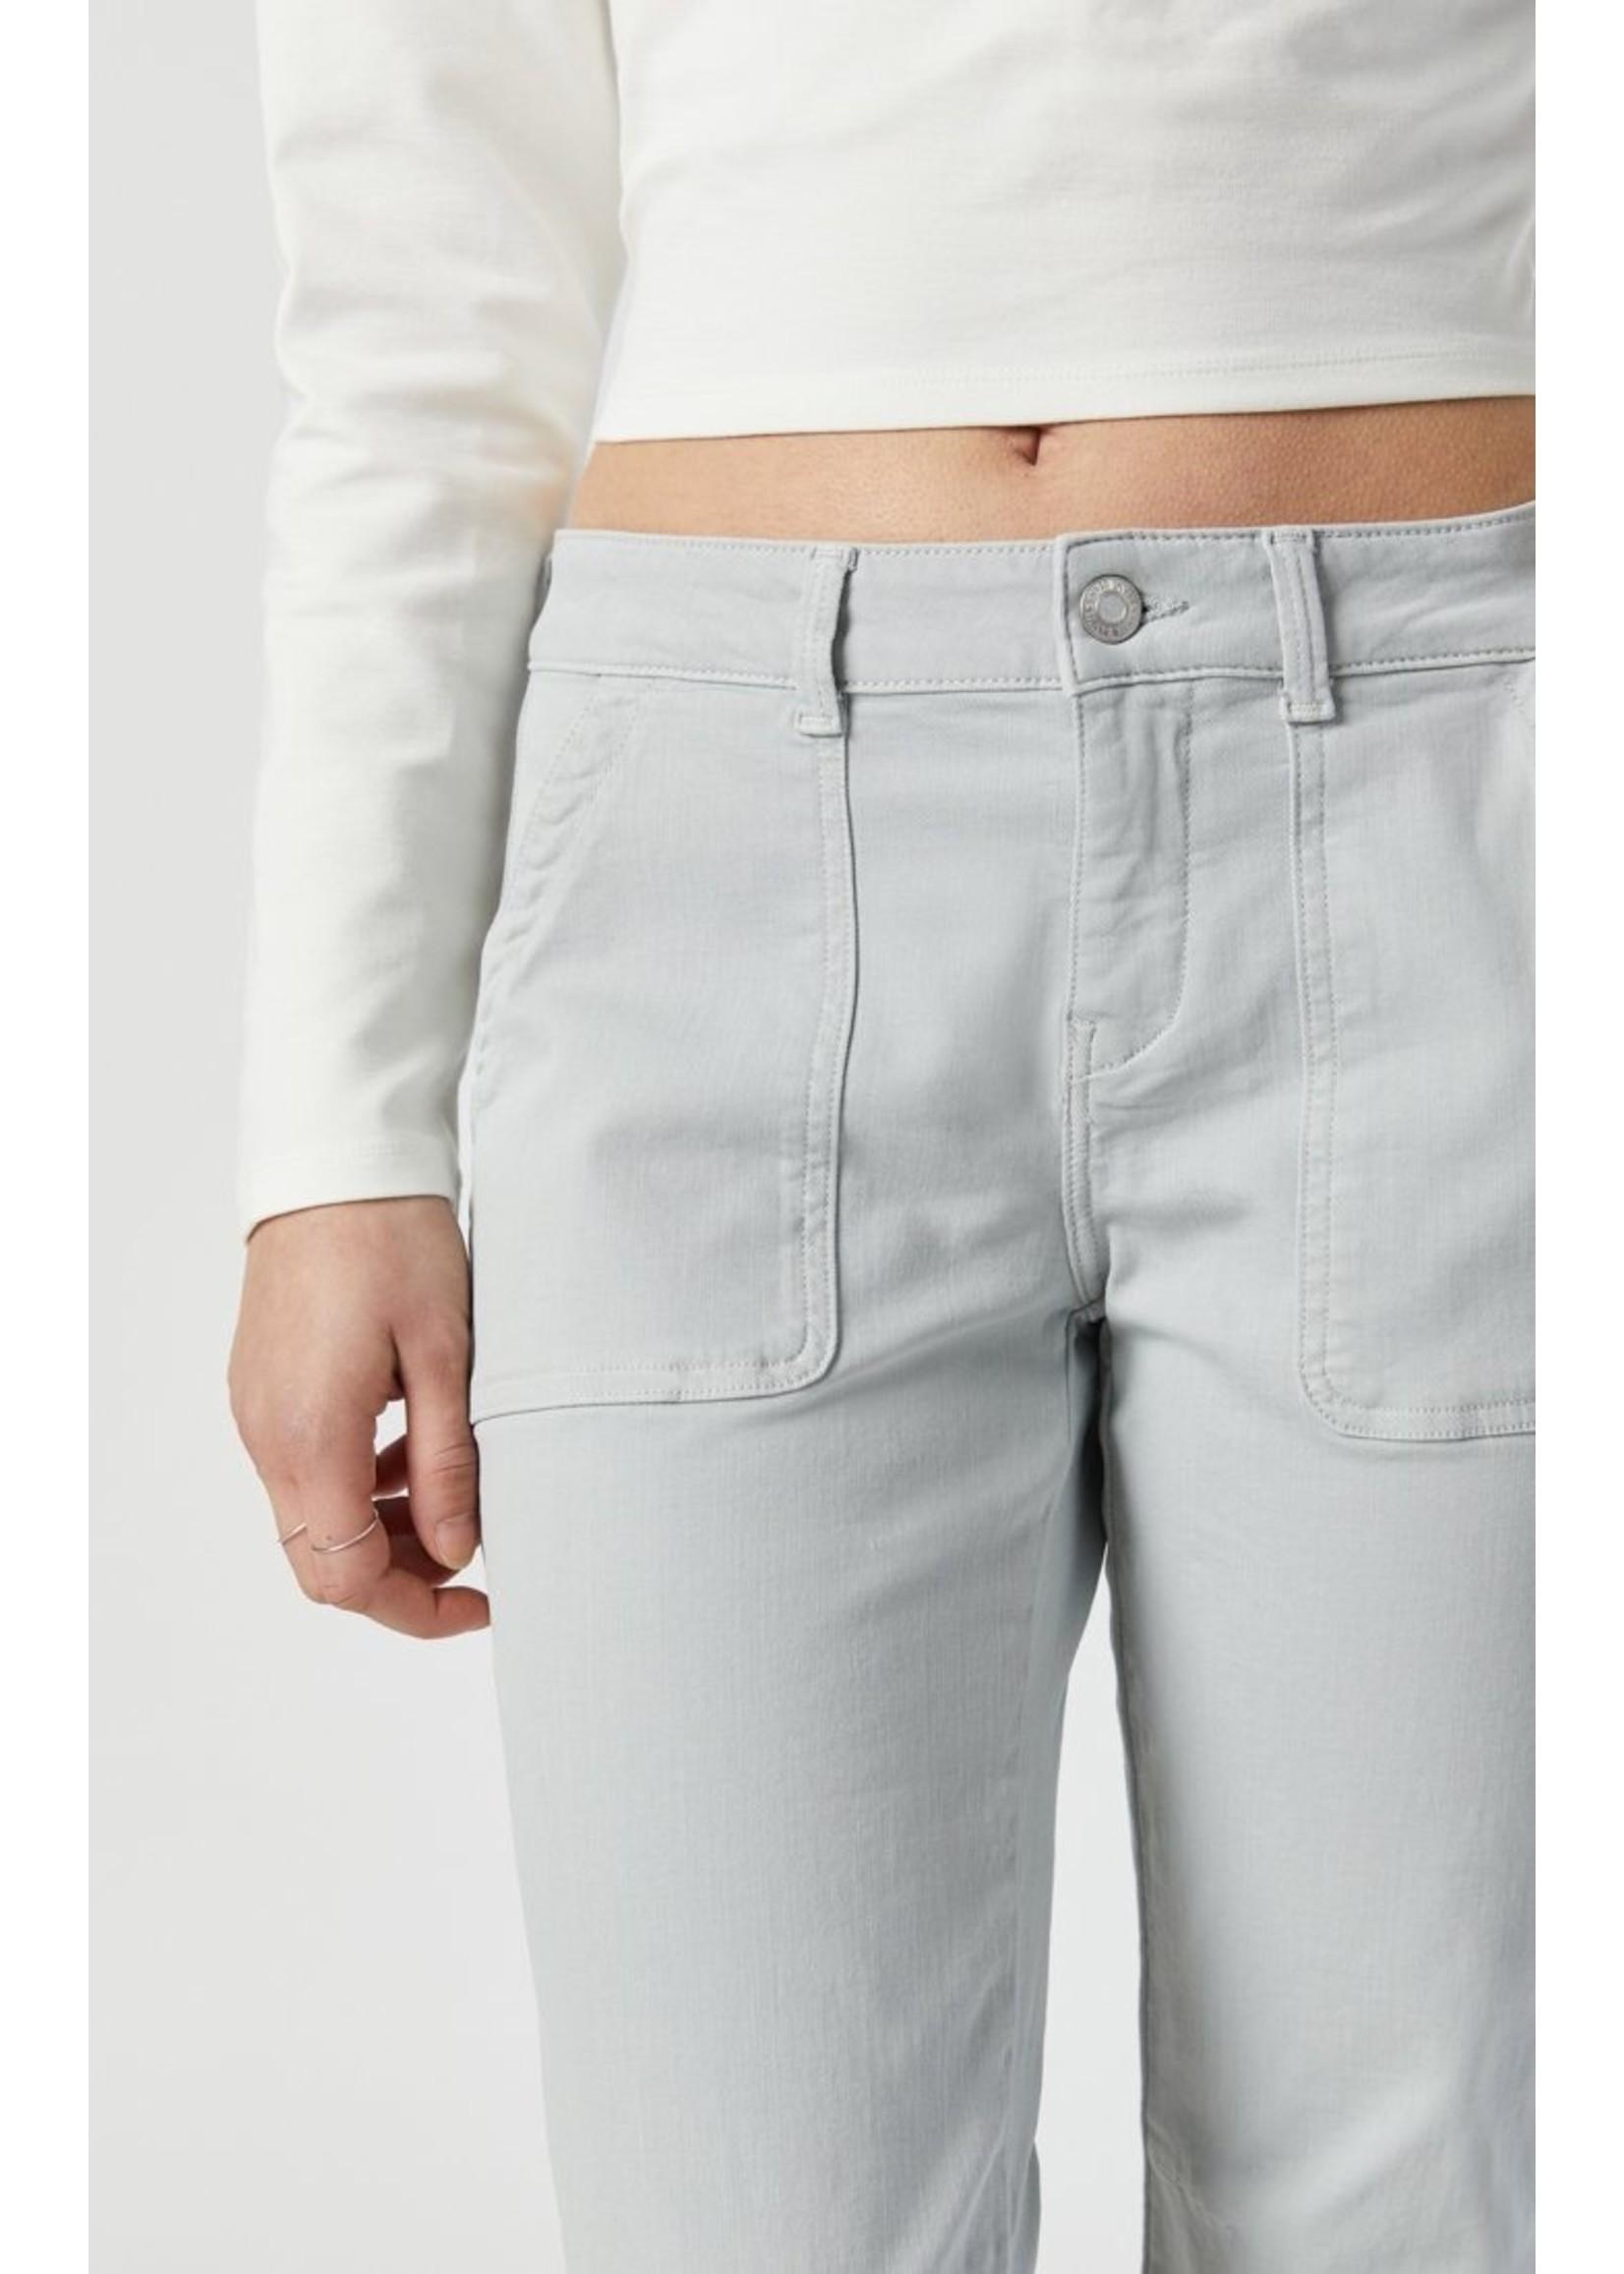 Mavi Jeans Ivy Pearl Blue Twill